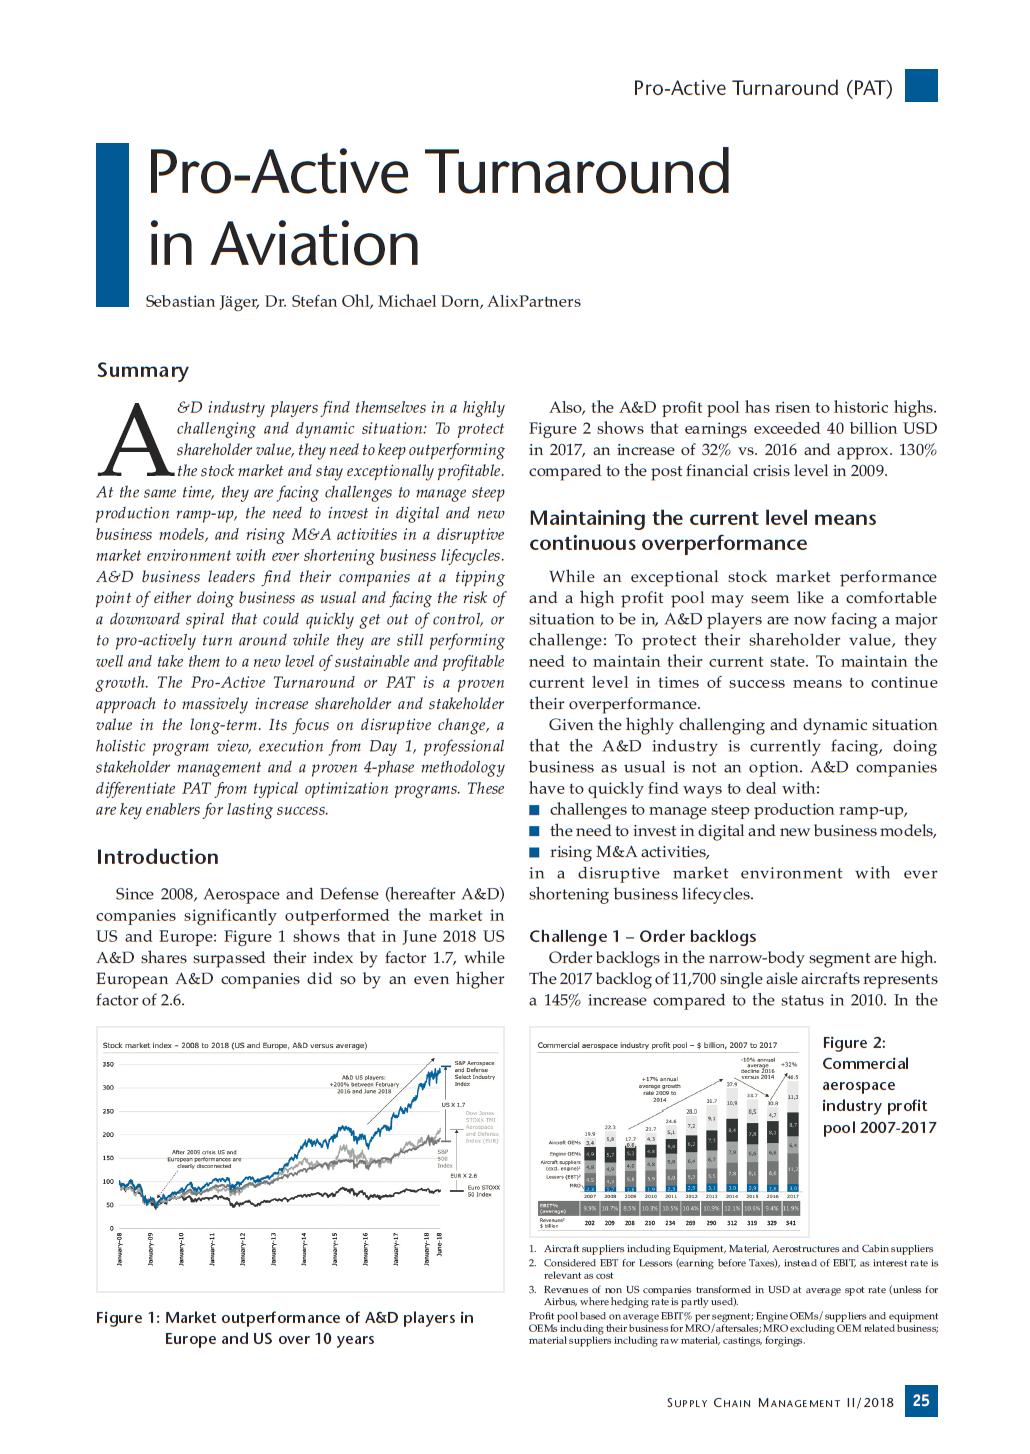 Pro-Active Turnaround in Aviation — IPM